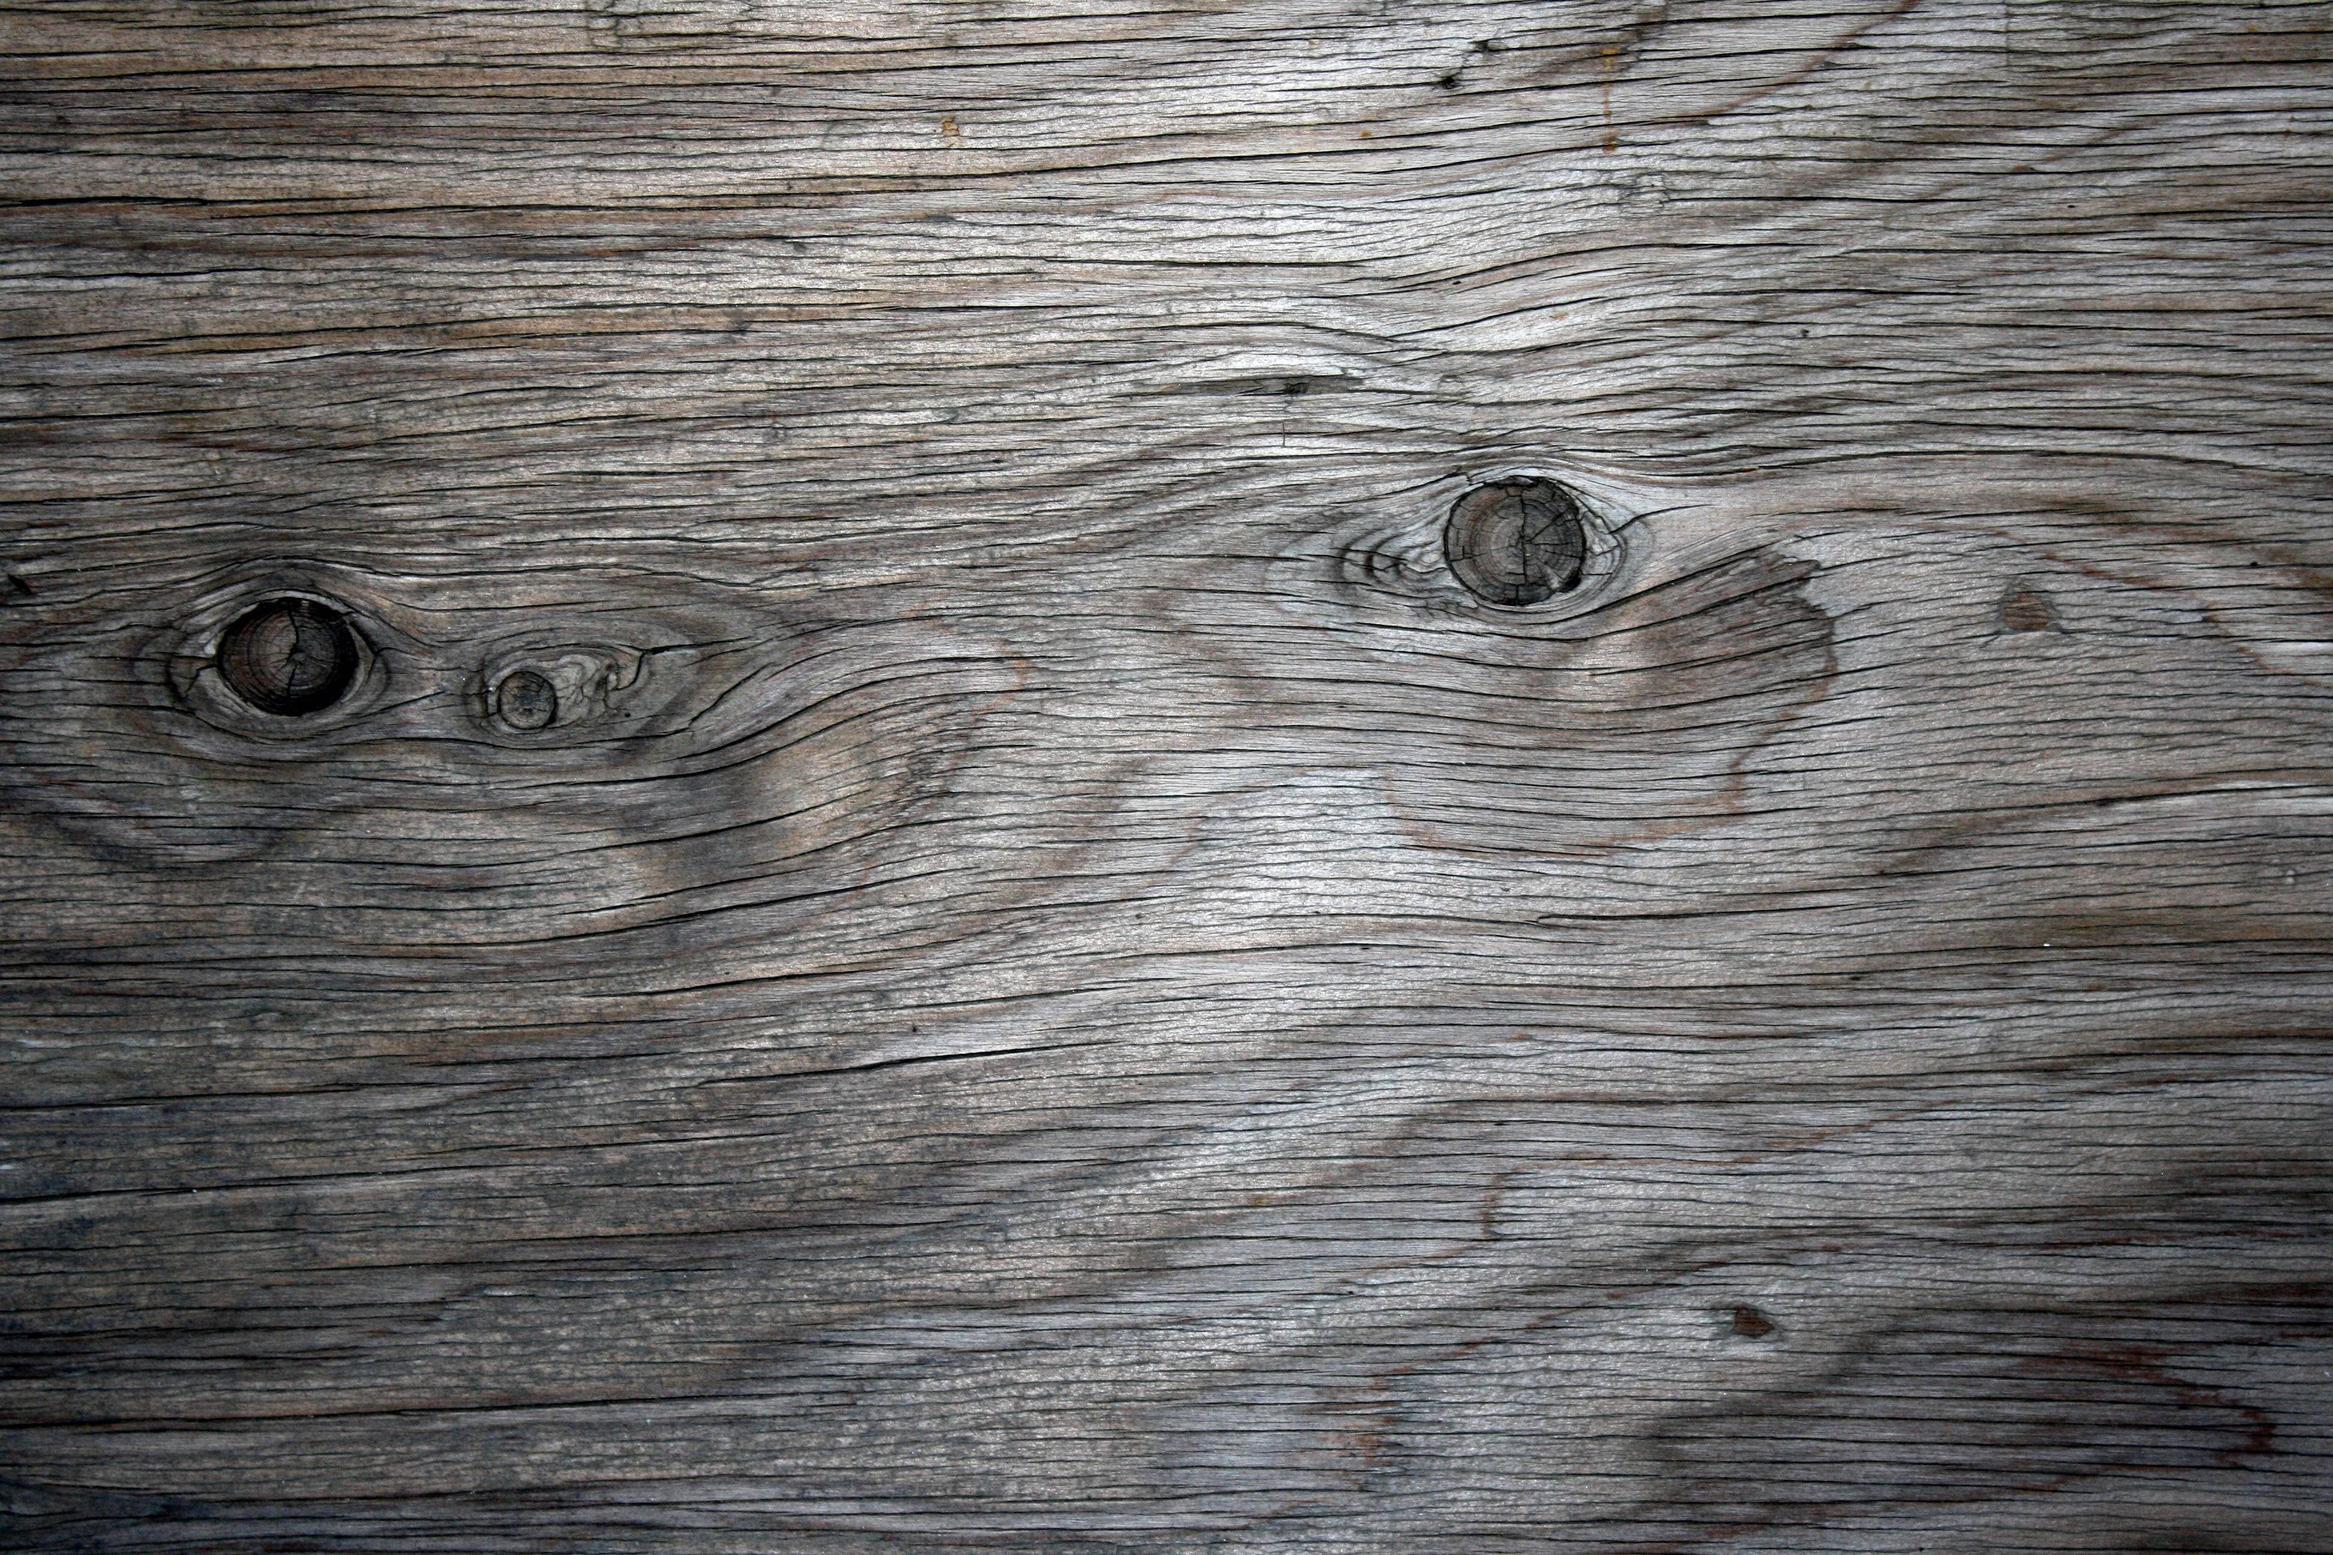 Wood Grain Desktop Wal...